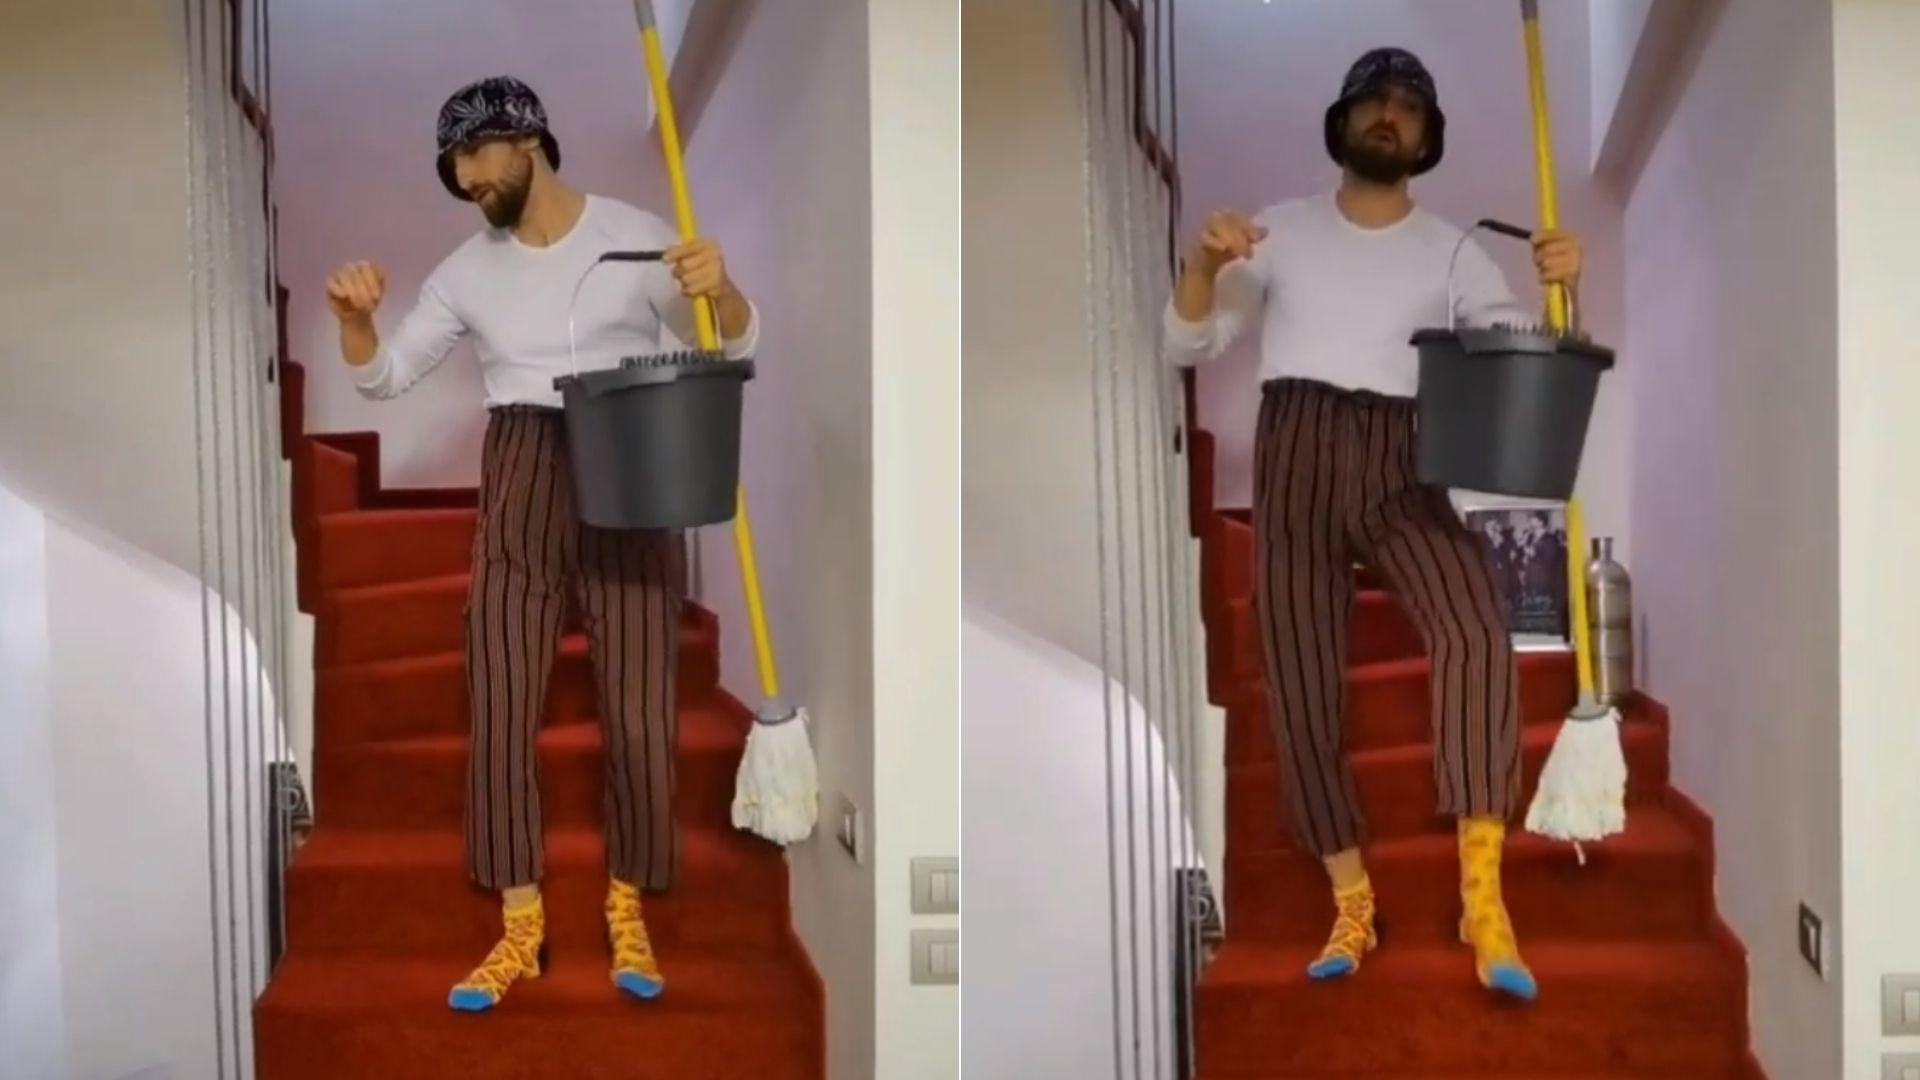 Cu pantalonii ridicați prea sus, bască și mop. Răzvan, Ramona și Ristei au recreat tiktok-ul viral al lui Oțil - VIDEO